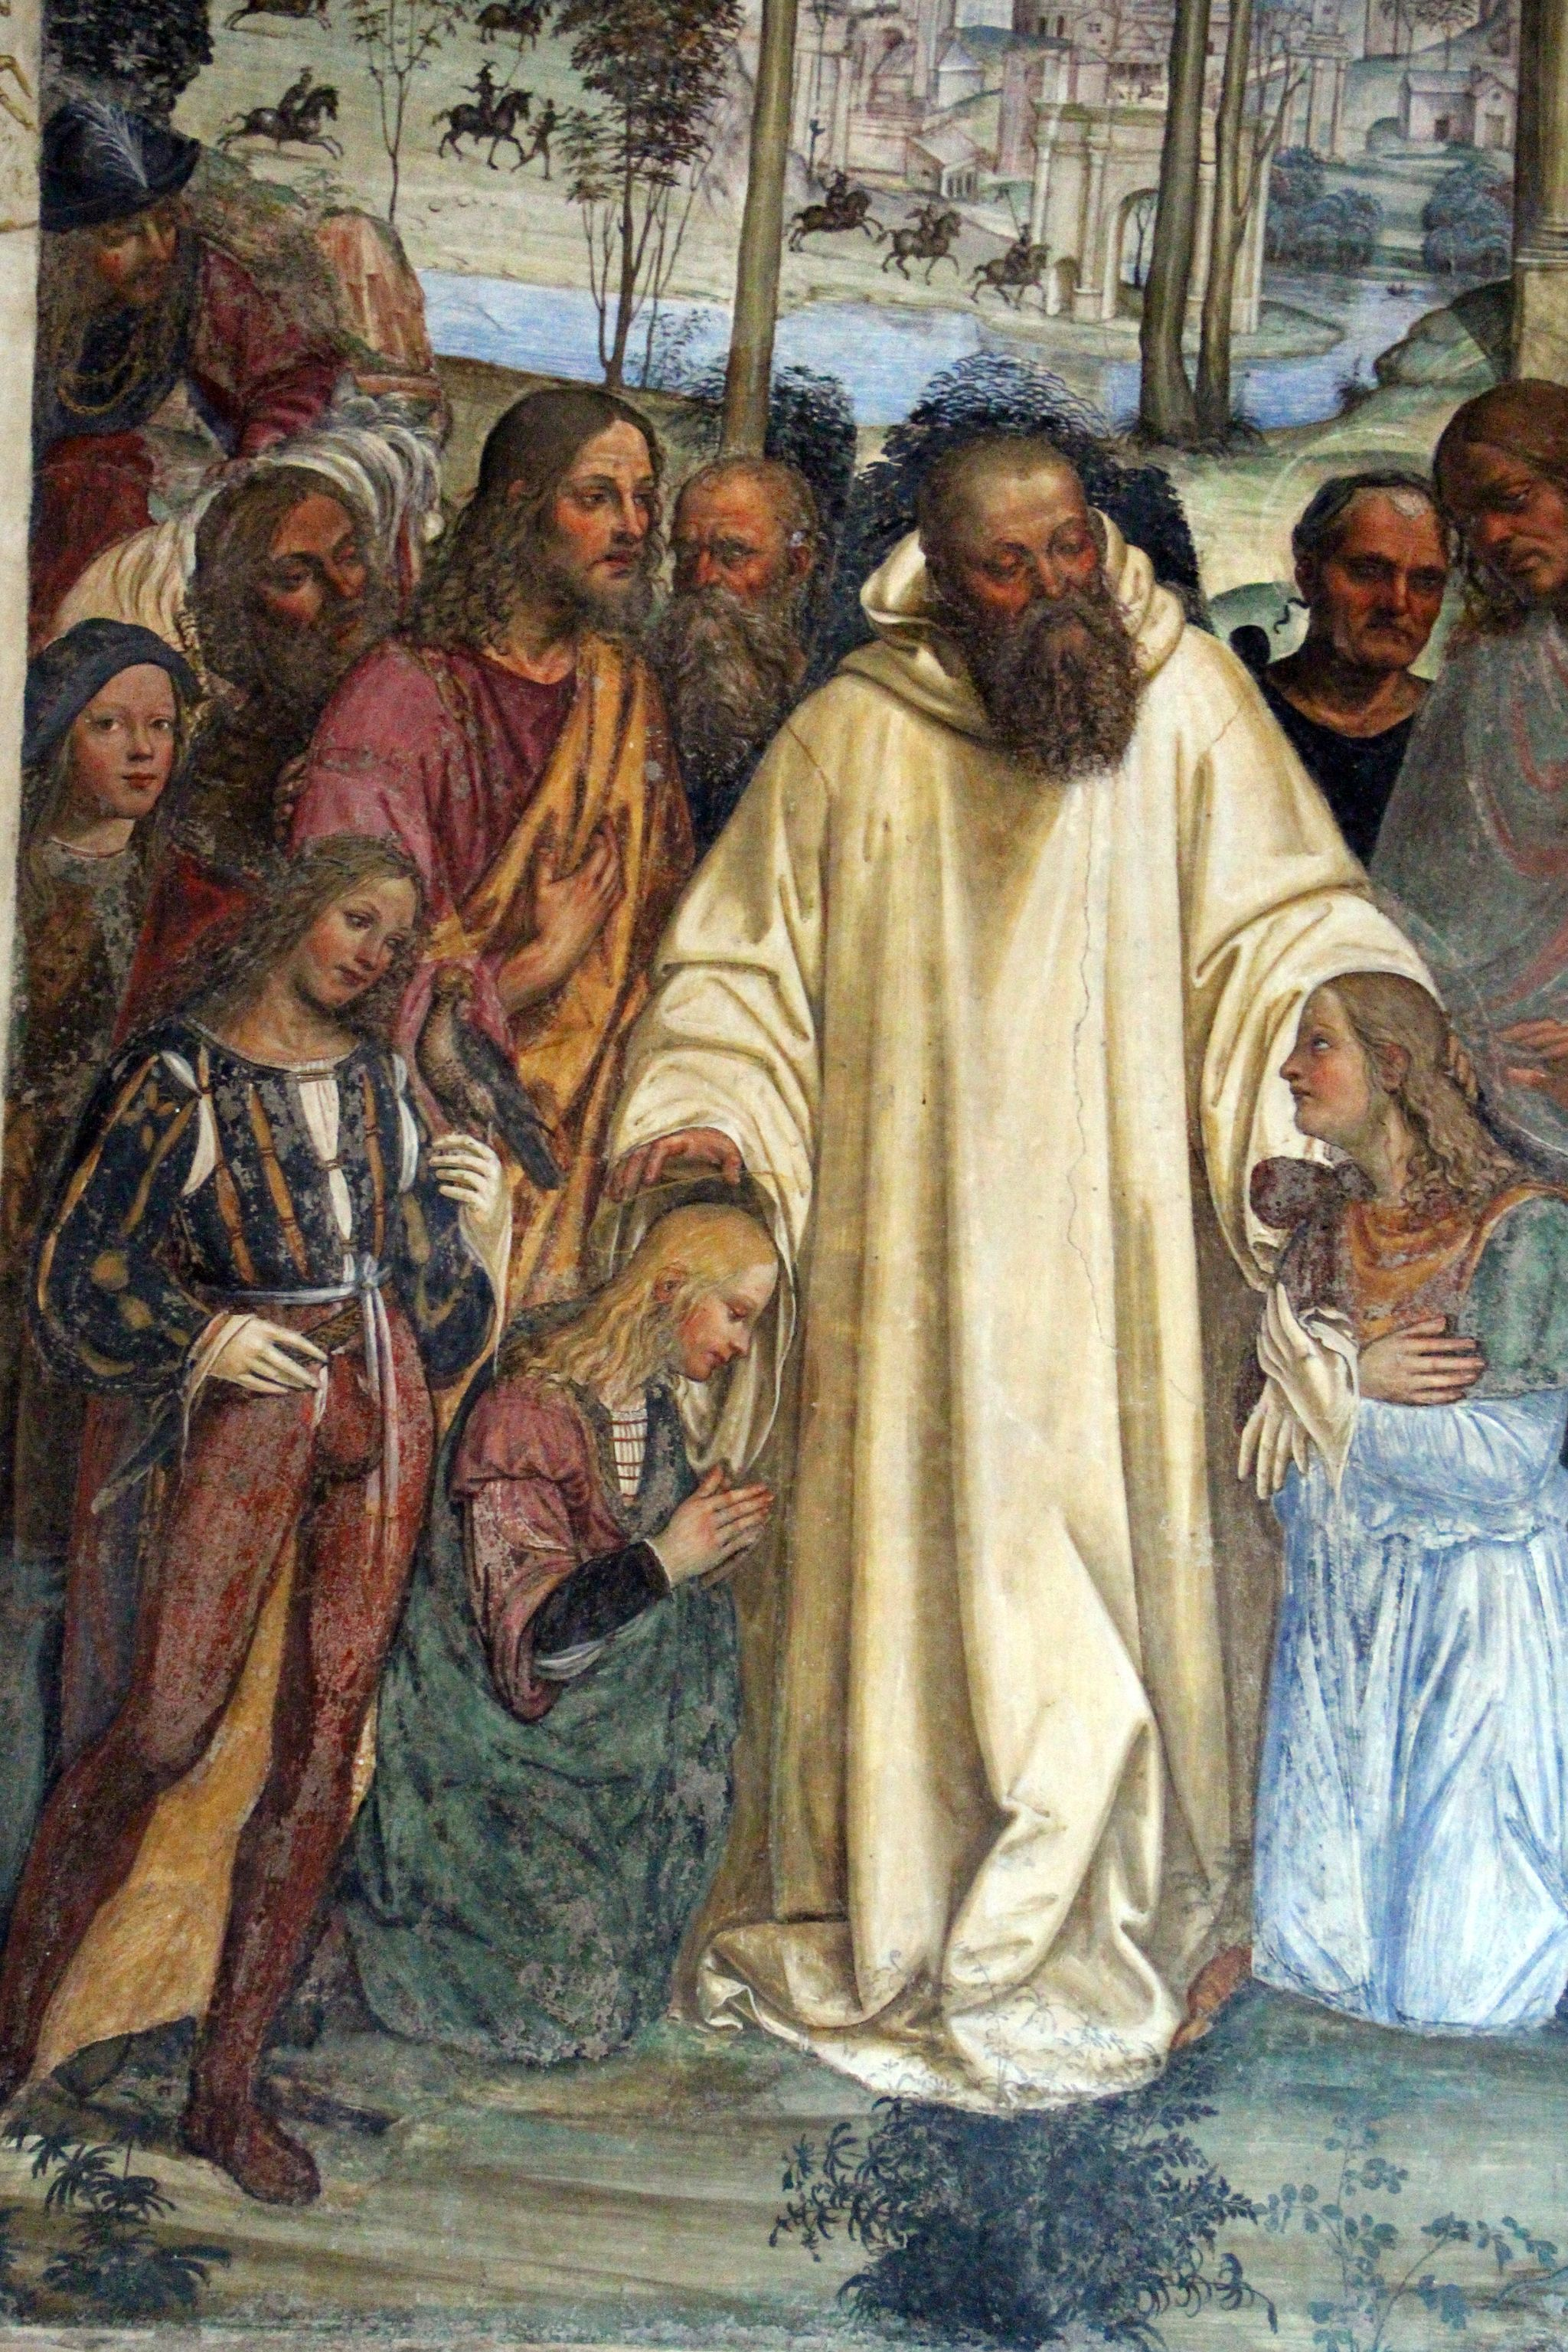 Storie di s. benedetto, 12 sodoma - Come Benedetto riceve li due giovanetti romani Mauro e Placido 05